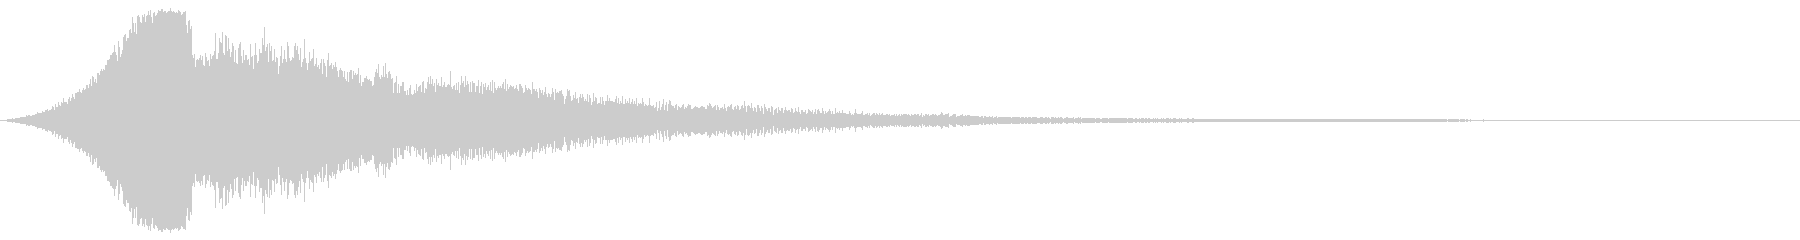 【タイトルロゴ】シネマティック_04の未再生の波形